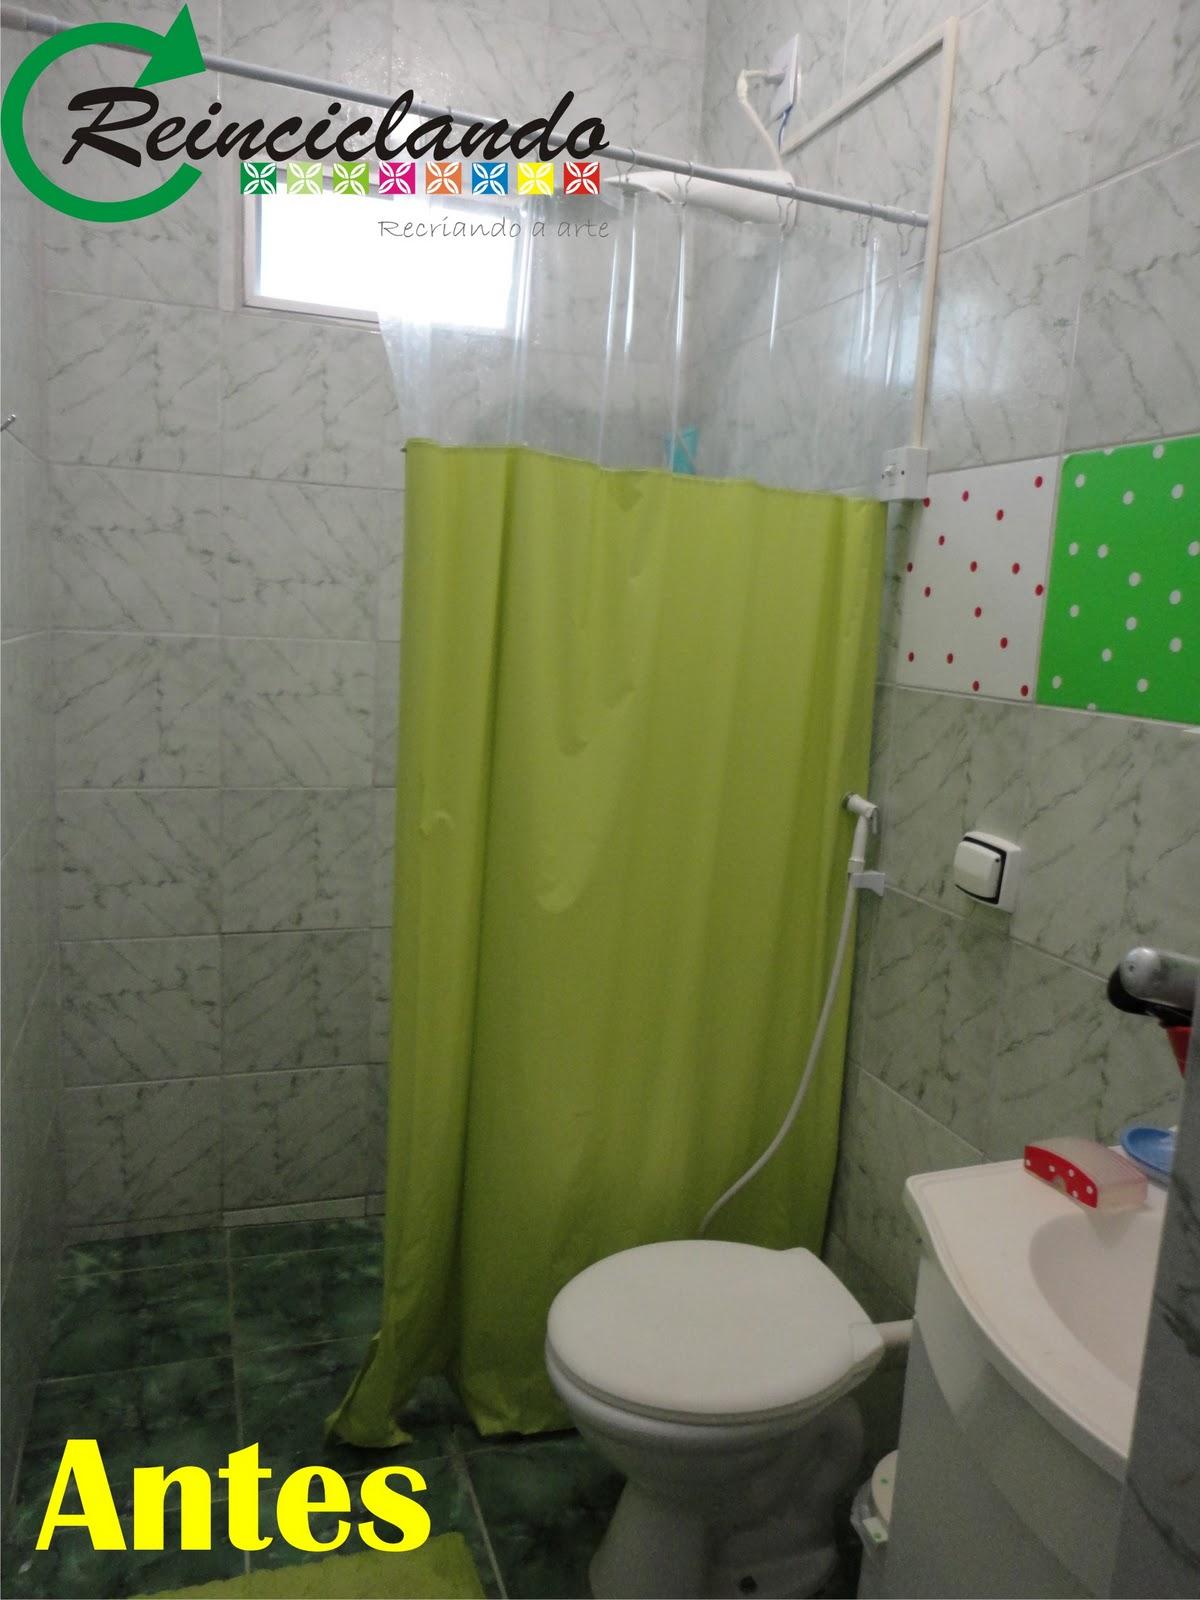 Reinciclando: O Antes e Depois de um banheiro com ape  #C6C704 1200x1600 Antes E Depois De Um Banheiro